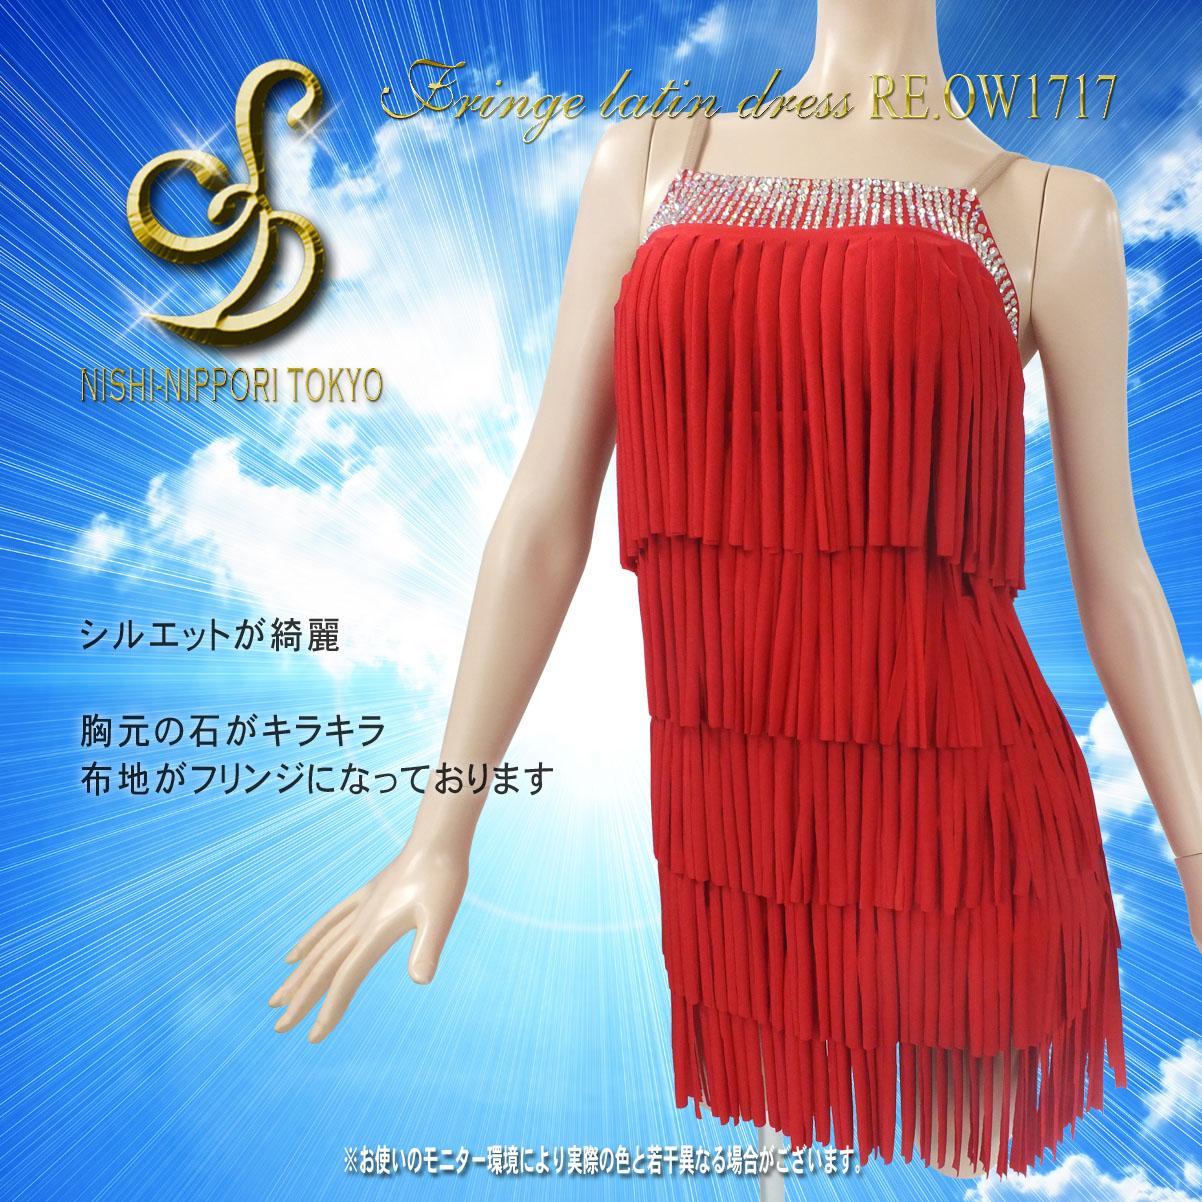 シルエットが綺麗 胸元の石がキラキラ 布地がフリンジになっております インターネット特別価格(税込み)¥75,600 社交ダンス用 フリンジラテンワンピース Fringe latin dress RE.OW1717